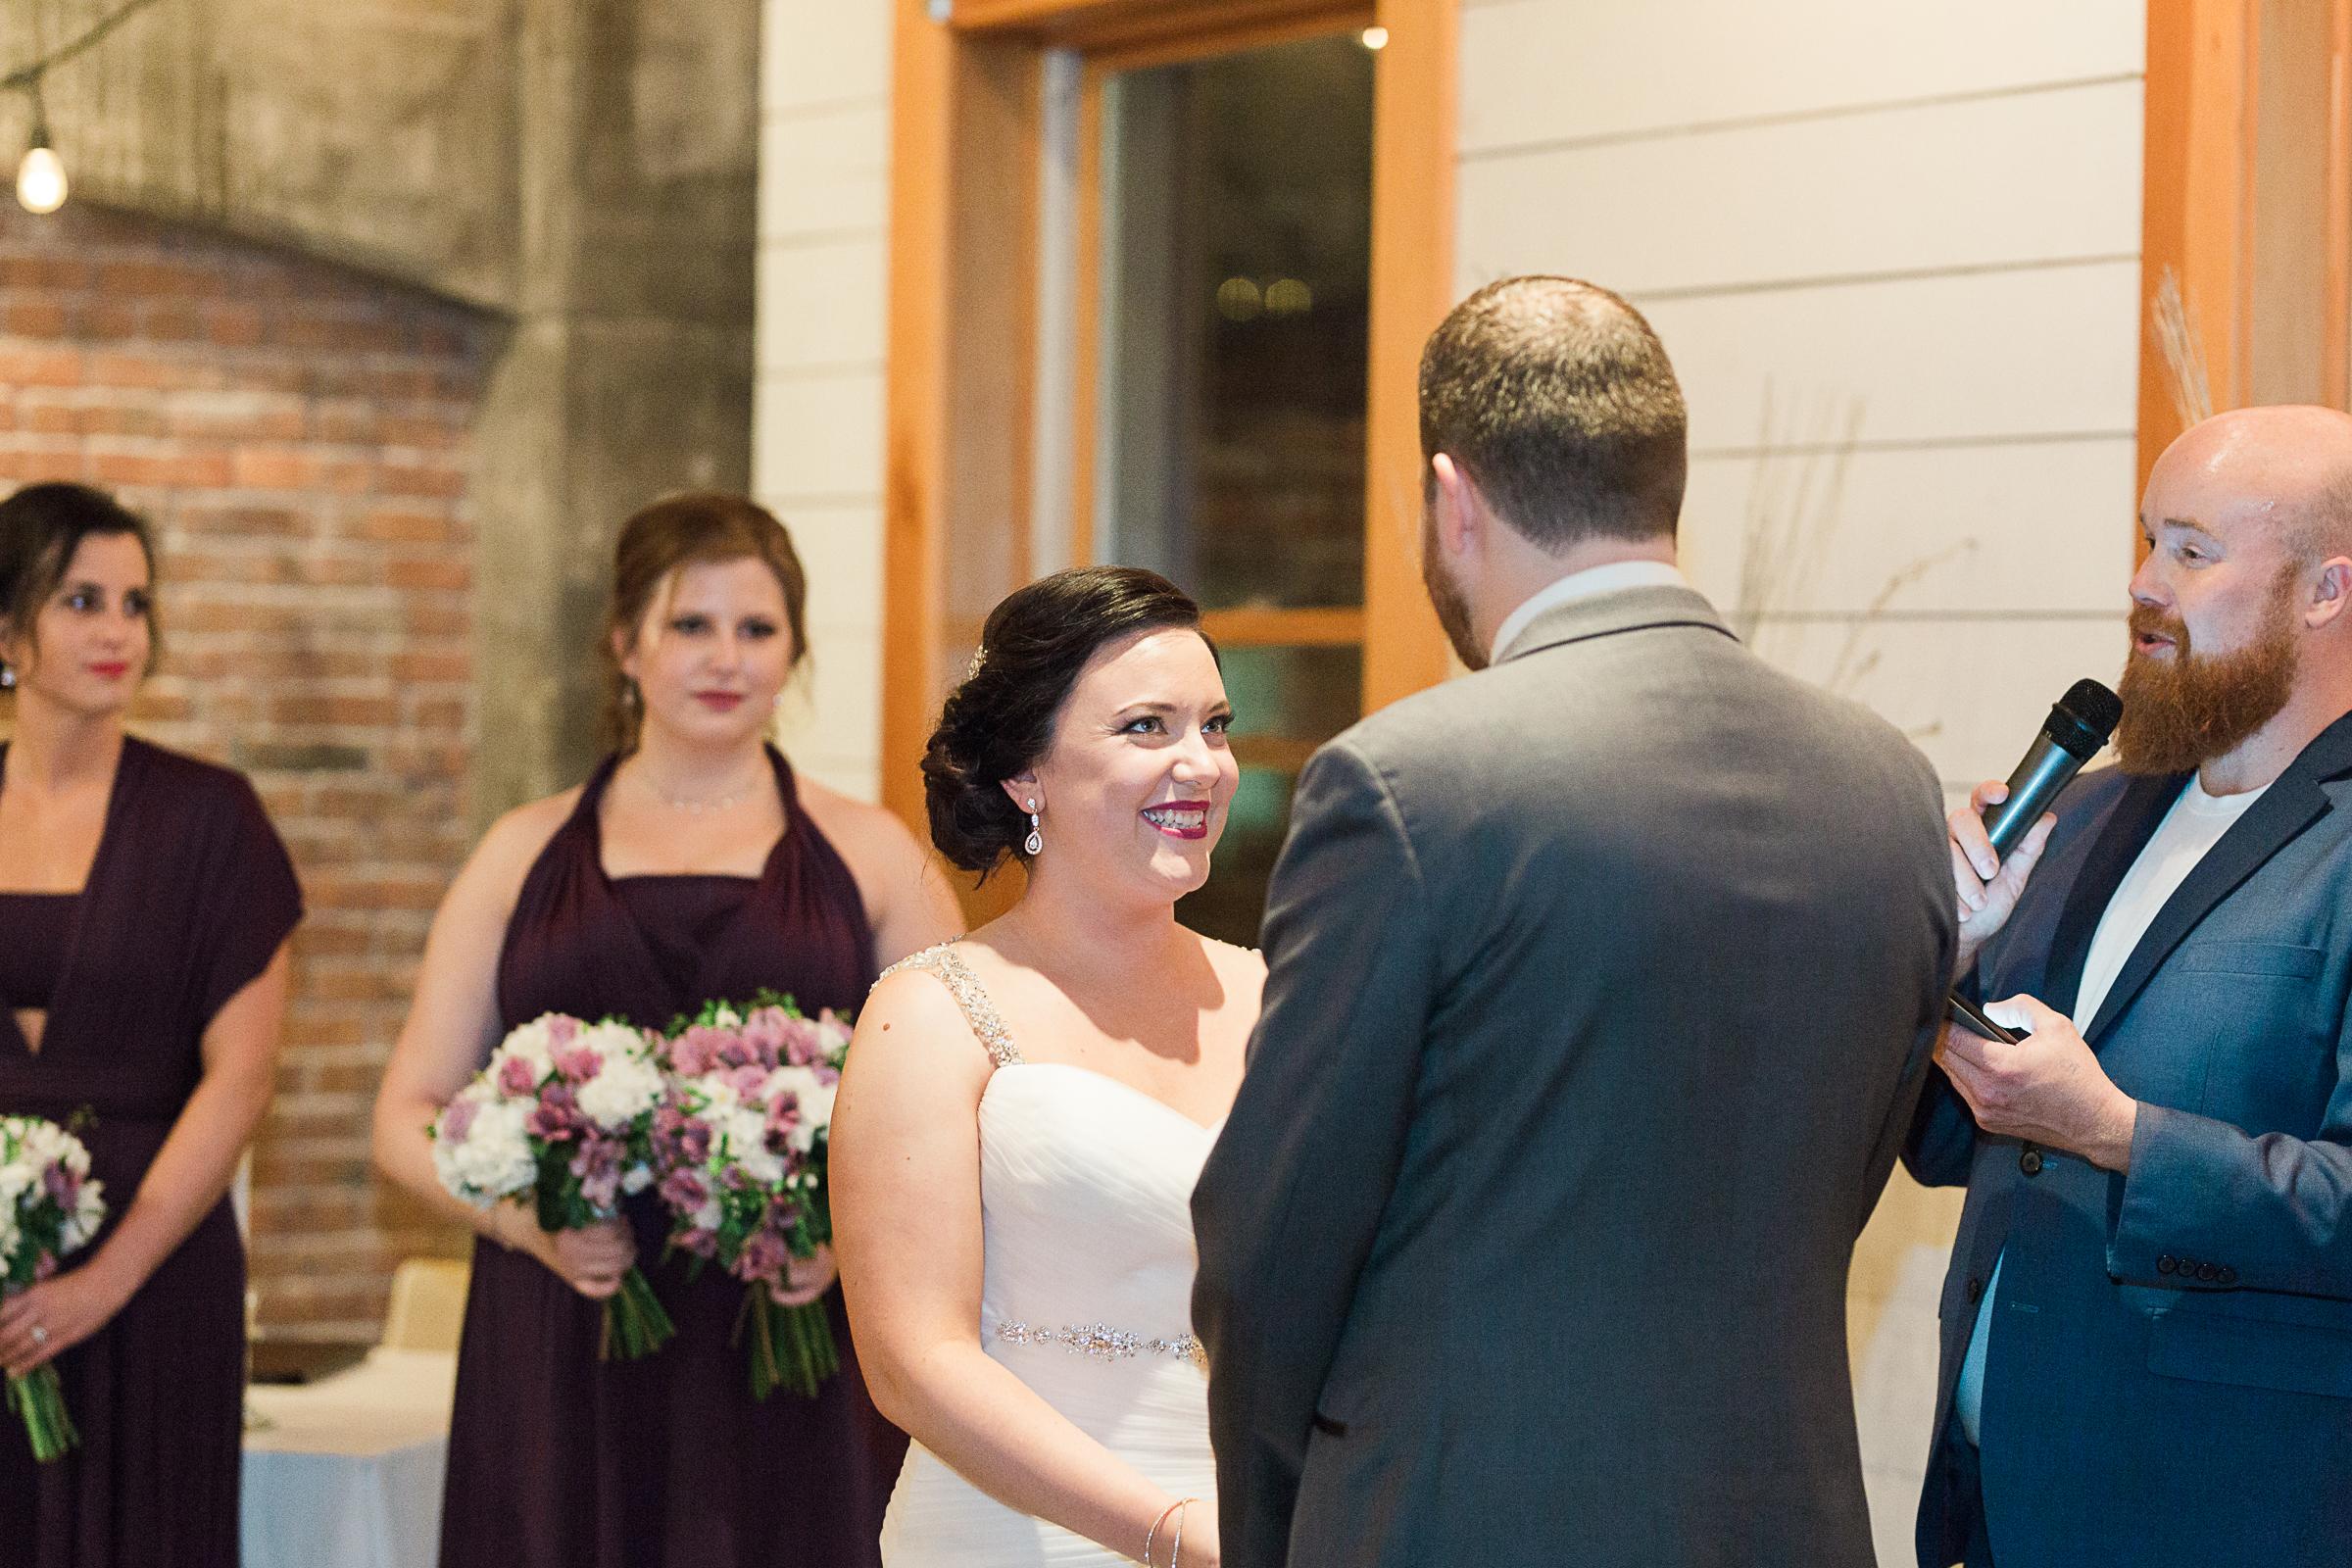 0066st-johns-wedding-photographer-rocket-bakery.jpg